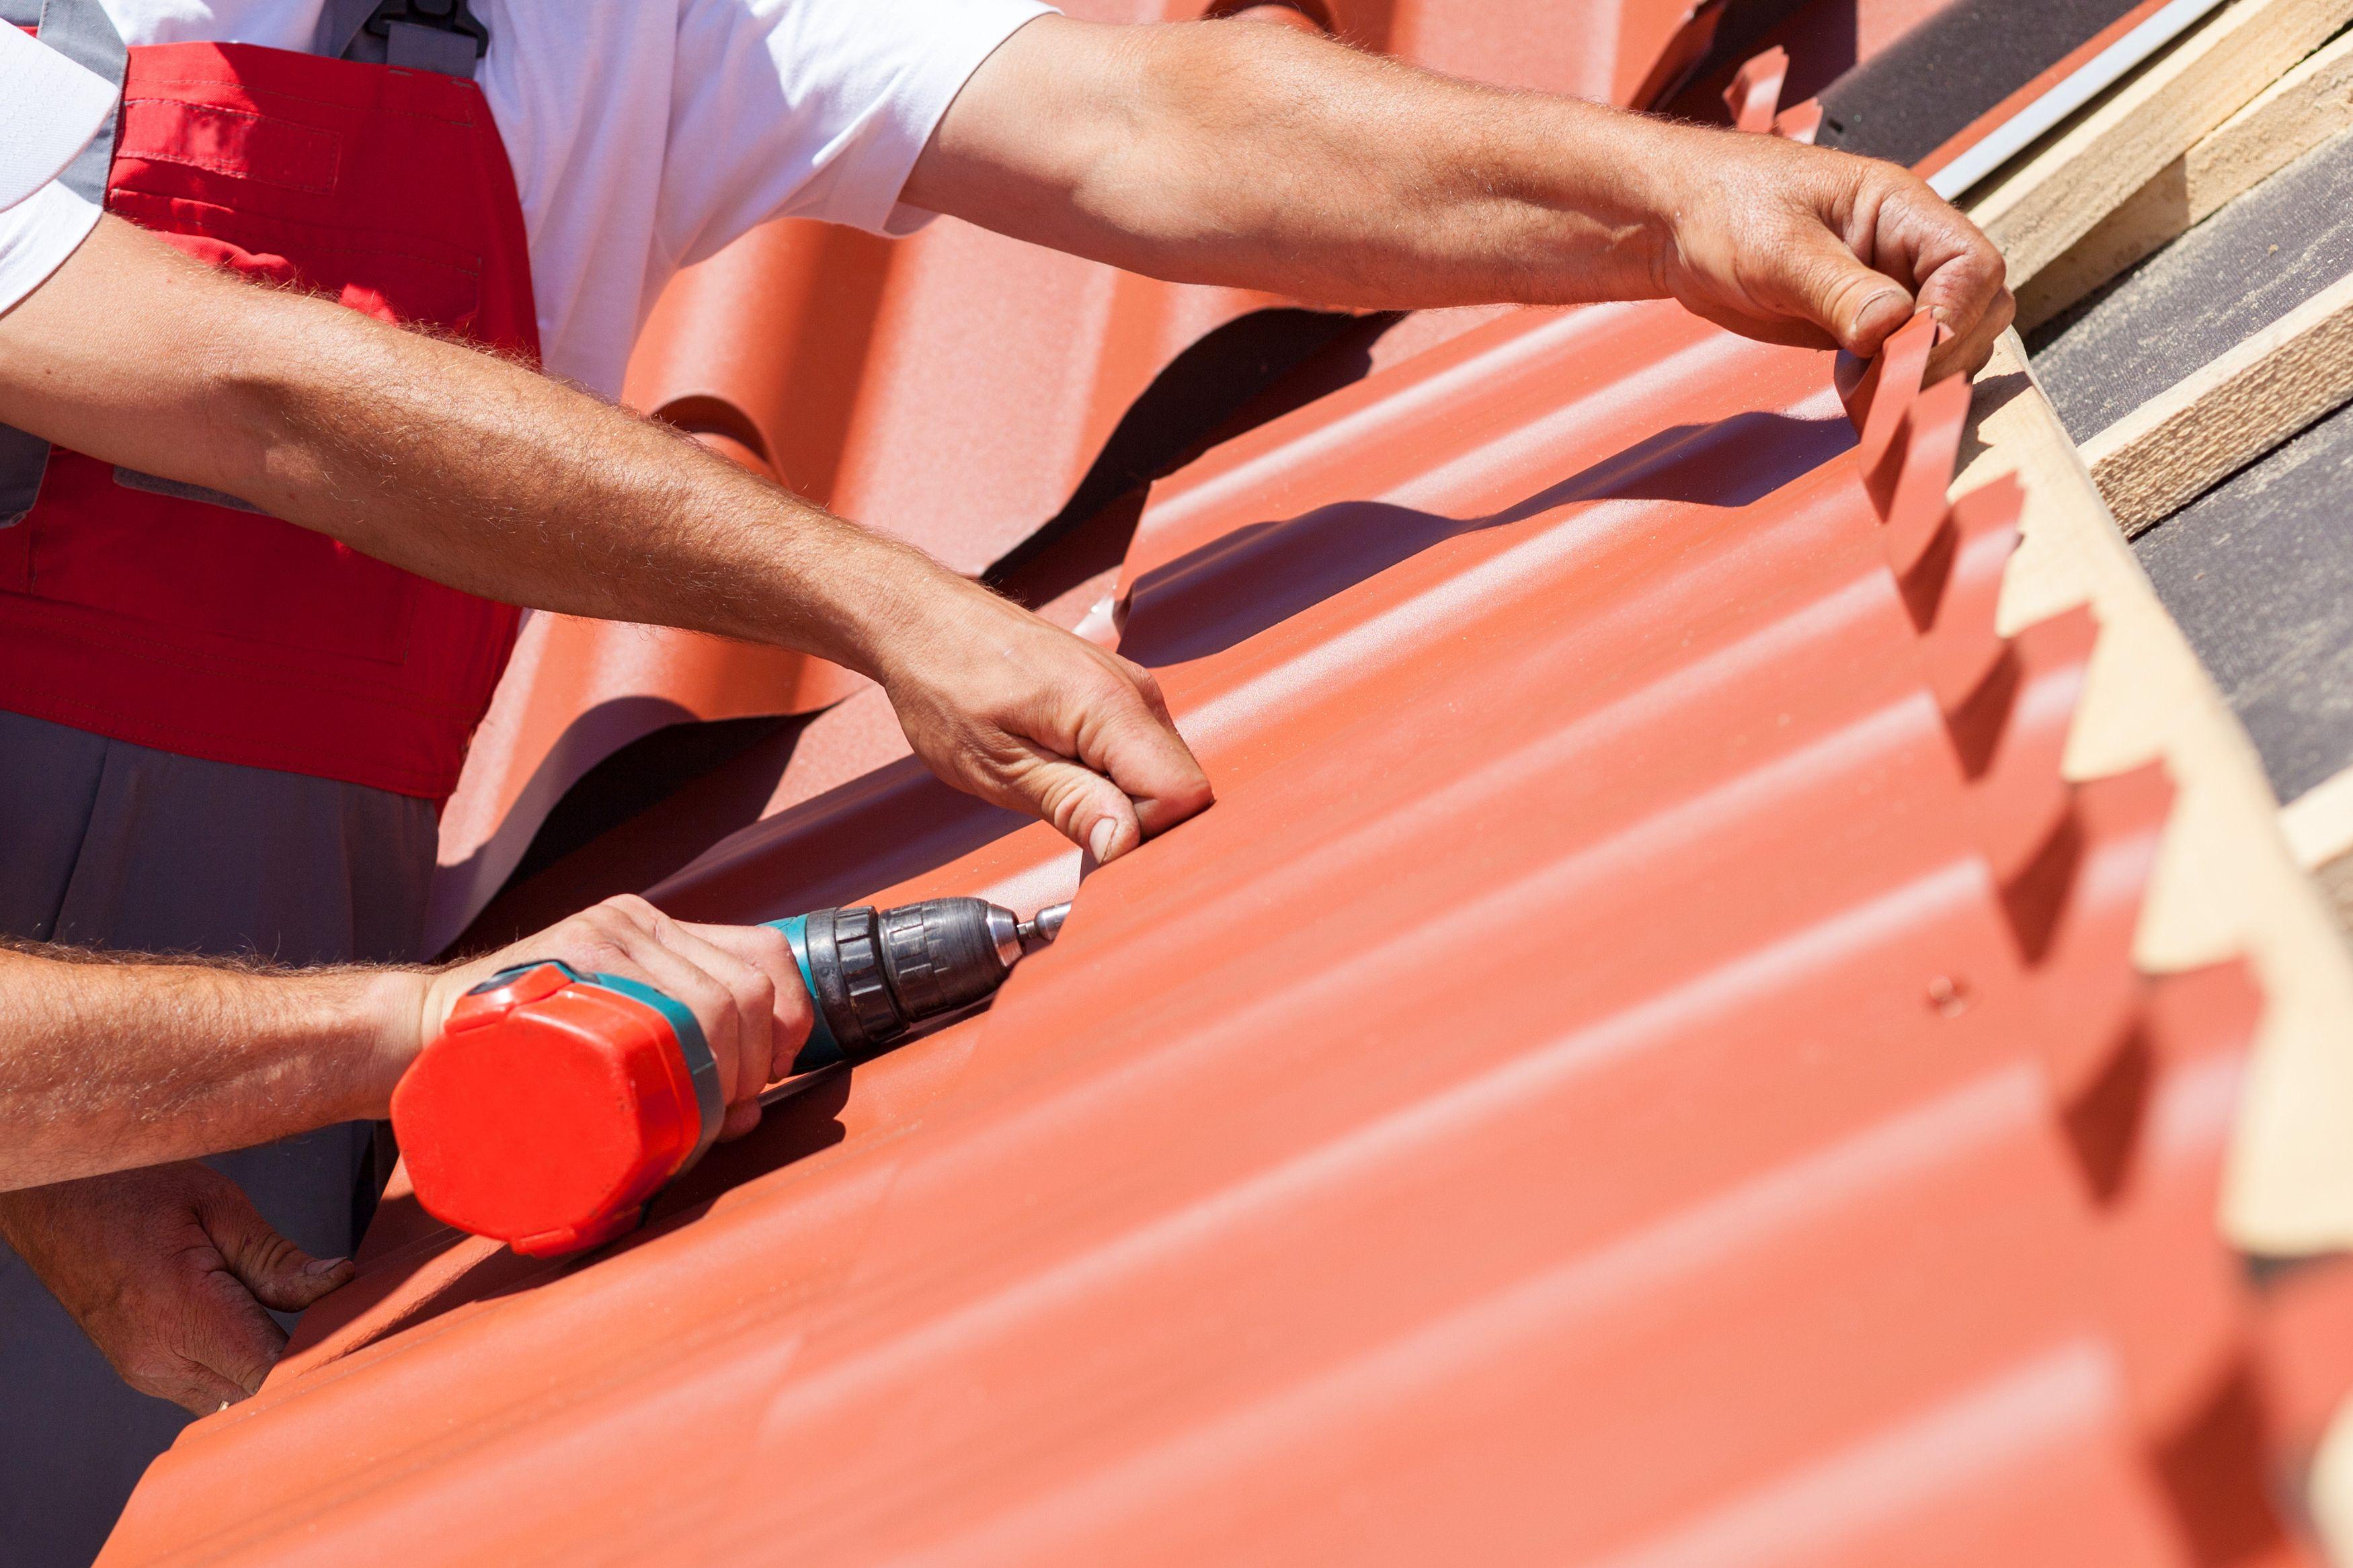 Especialistas en riesgos laborales en Valladolid